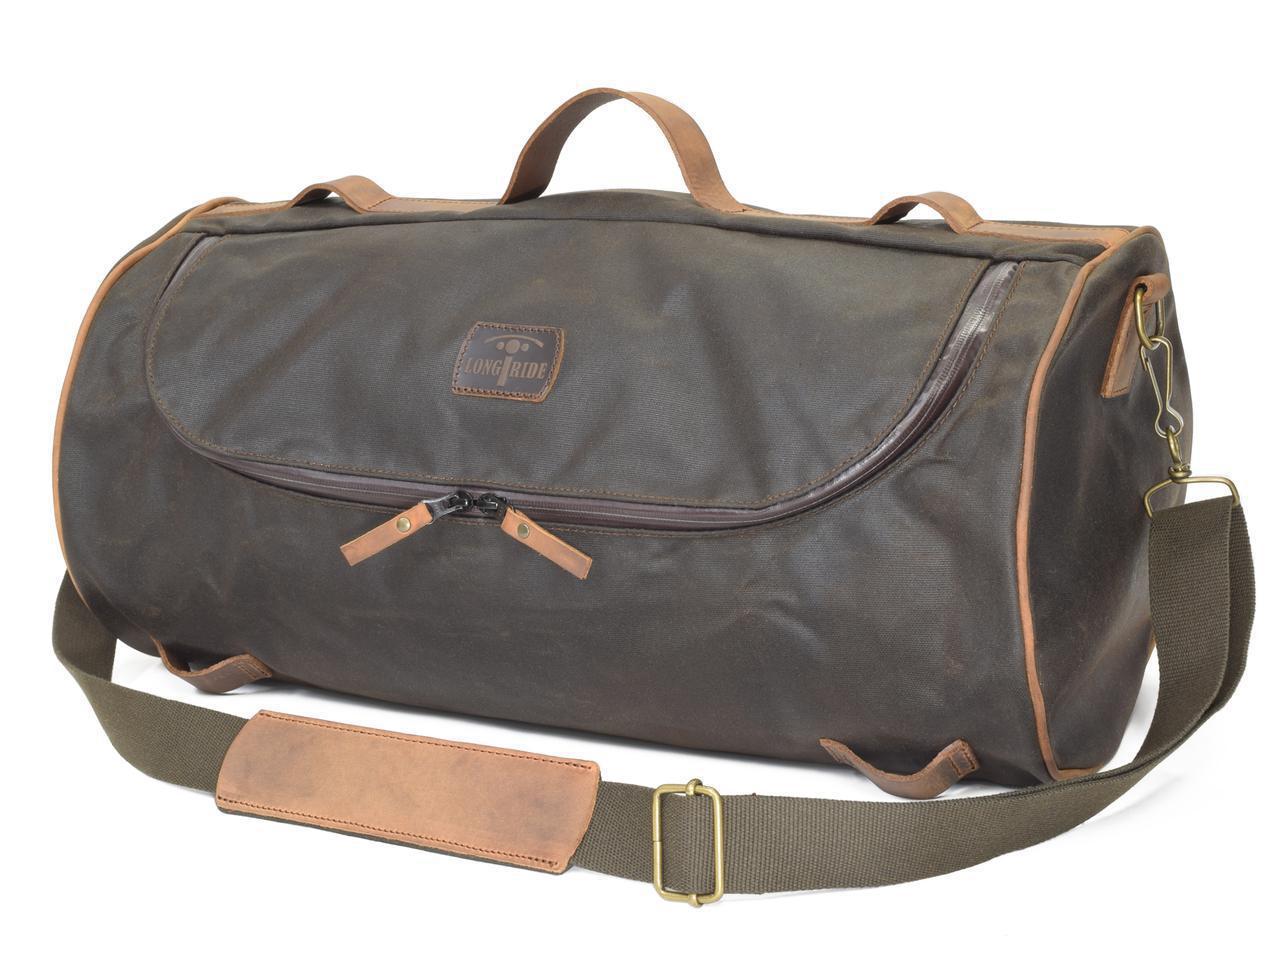 画像3: ベルギー発、こだわりが詰まったおしゃれバッグ|「ロングライド」のダッフルバッグは旅するバイクによく似合う!